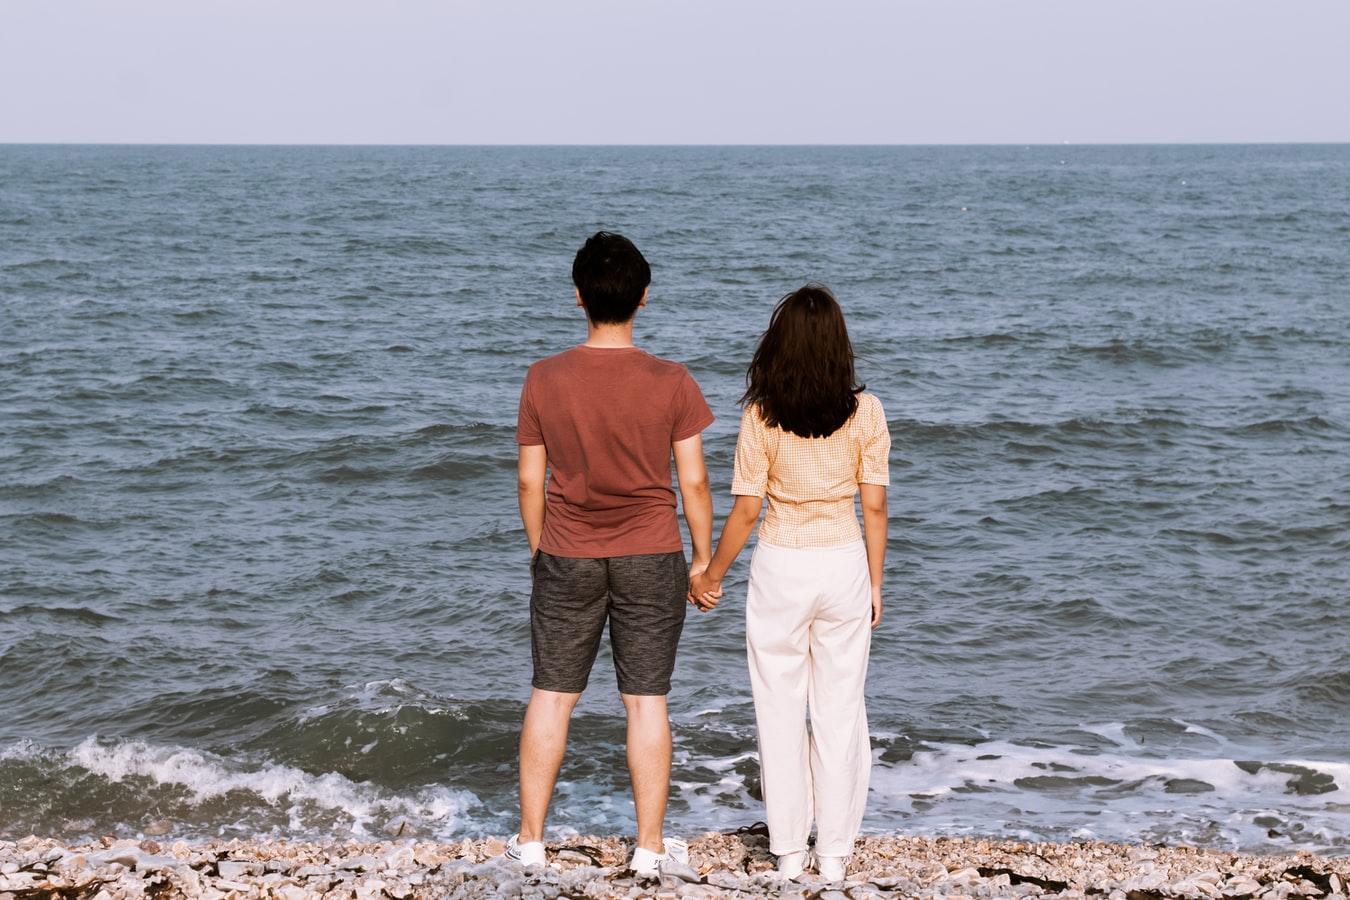 向老婆表白最浪漫的话,怎么挽回女人心,比翼连枝当日愿